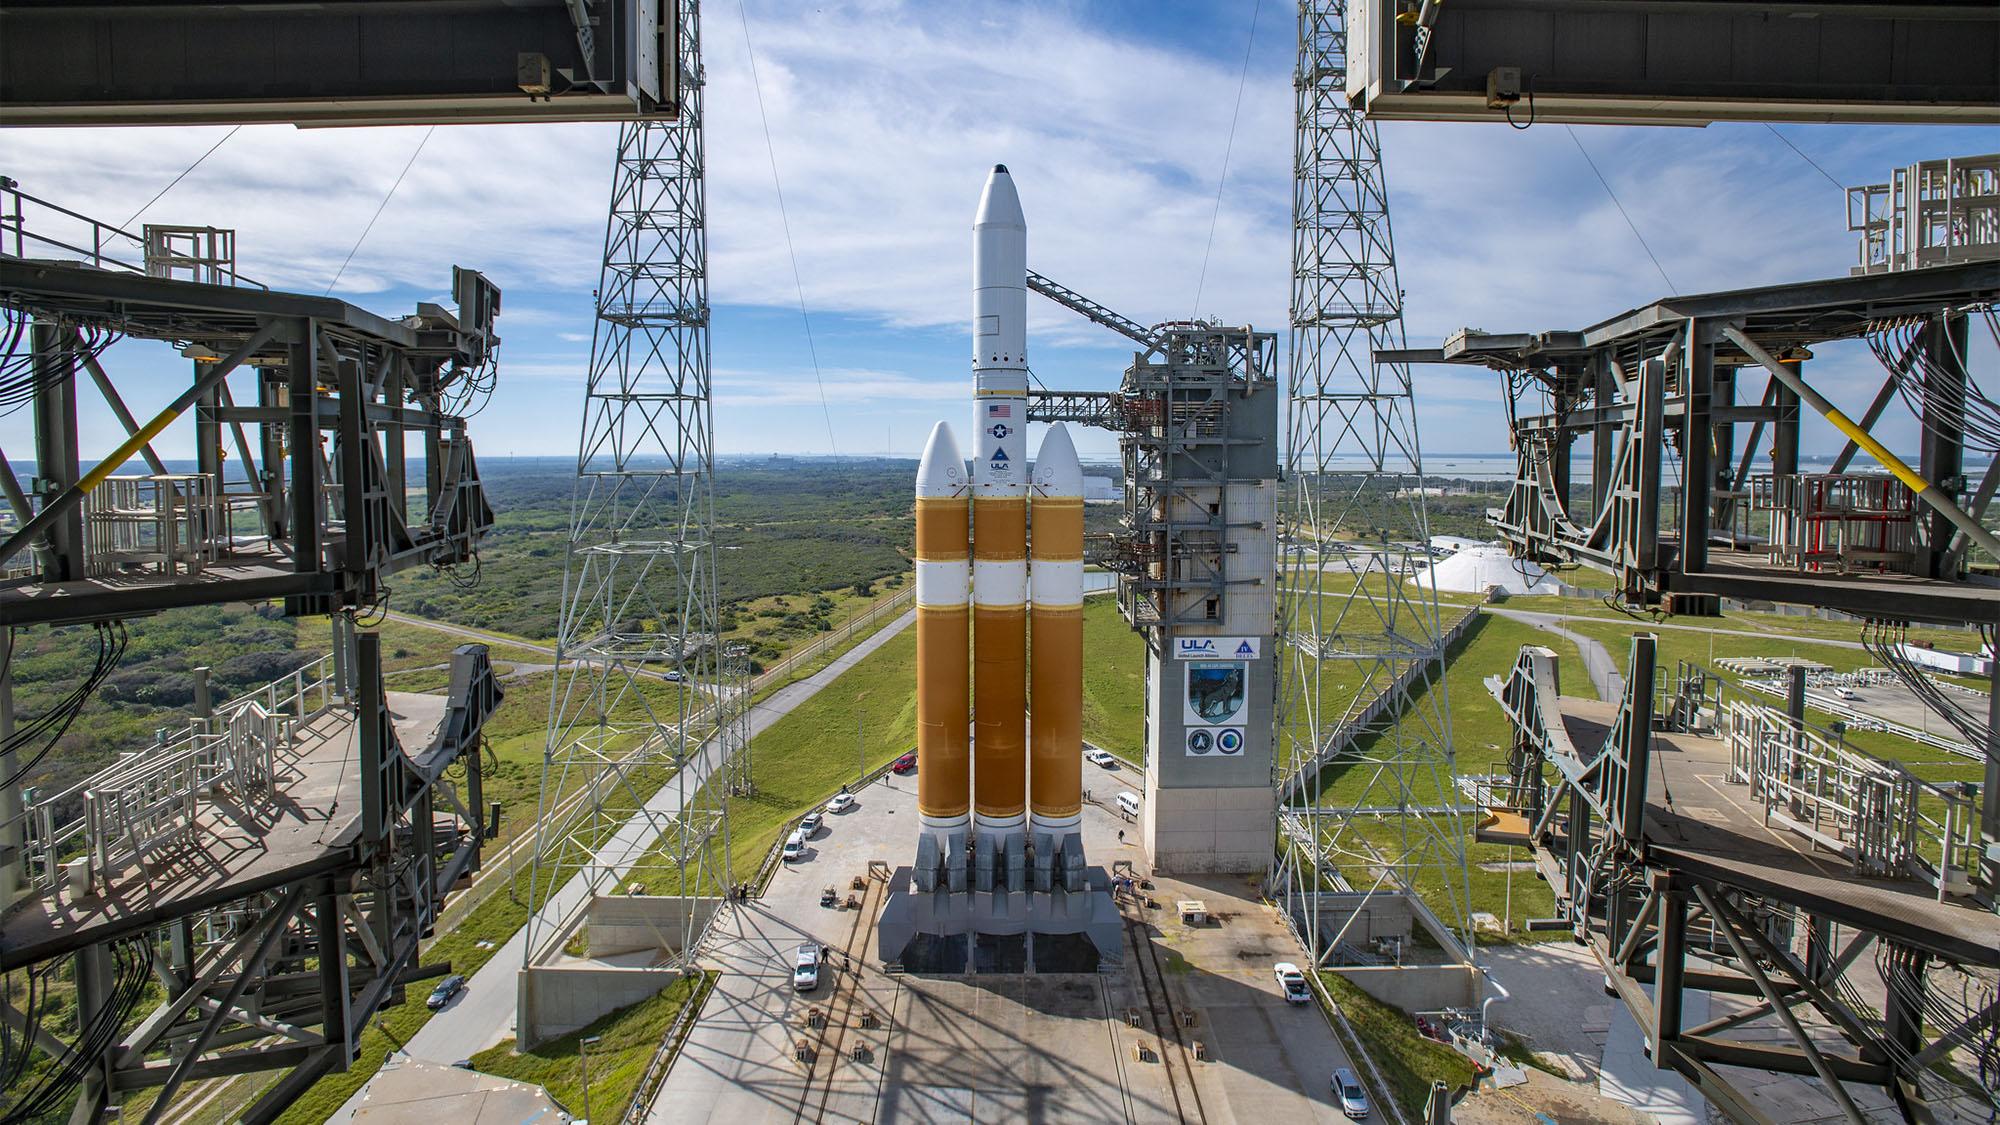 La tour de service mobile revient de la fusée Delta IV Heavy de la United Launch Alliance transportant la mission NROL-44 pour le National Reconnaissance Office, en préparation du lancement du Space Launch Complex-37 à la station Space Force de Cap Canaveral, en Floride, le 10 décembre , 2020.